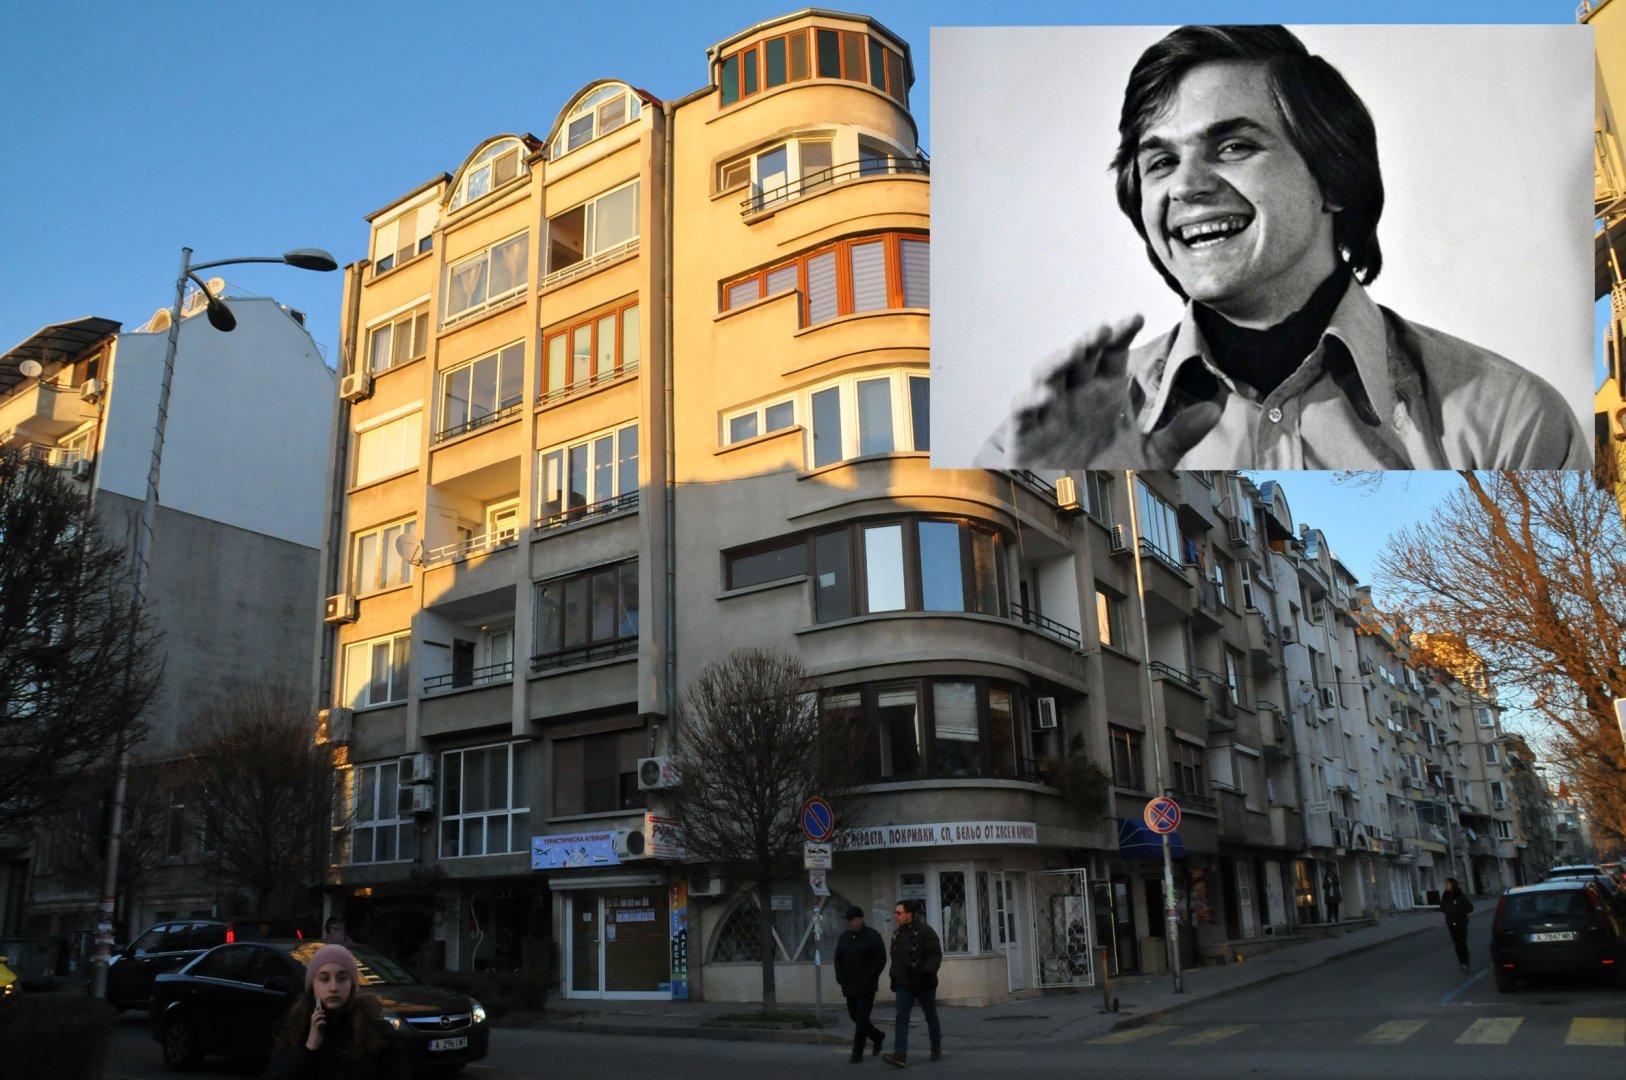 """Родната къща на Емил Чаръков е била на мястото на тази сграда на улица """"Цар Симеон I"""". Снимки Лина Главинова и личен архив"""